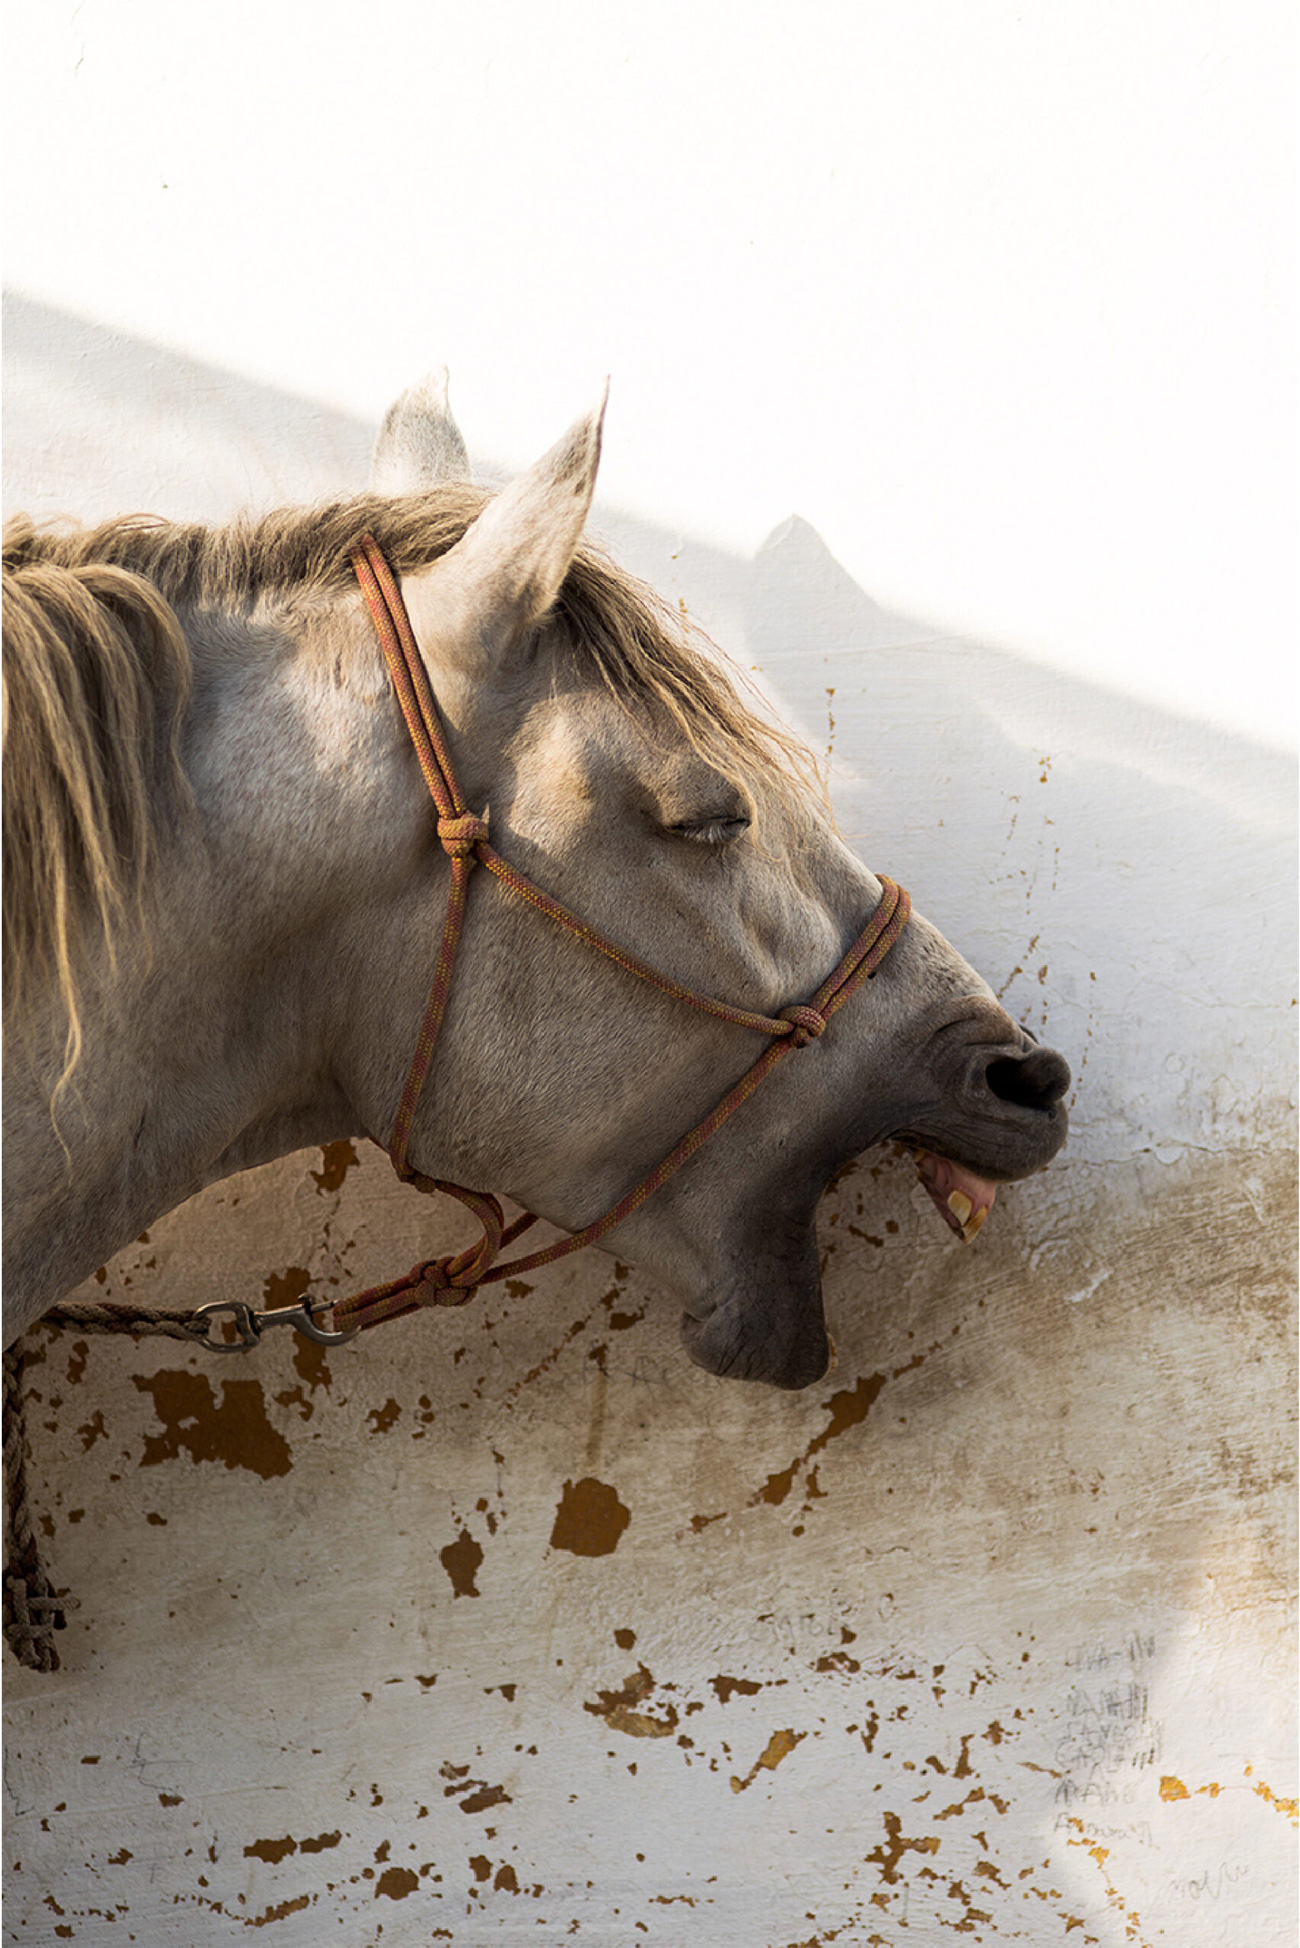 immagine_cavallo_verticali_sito-04-scaled-1